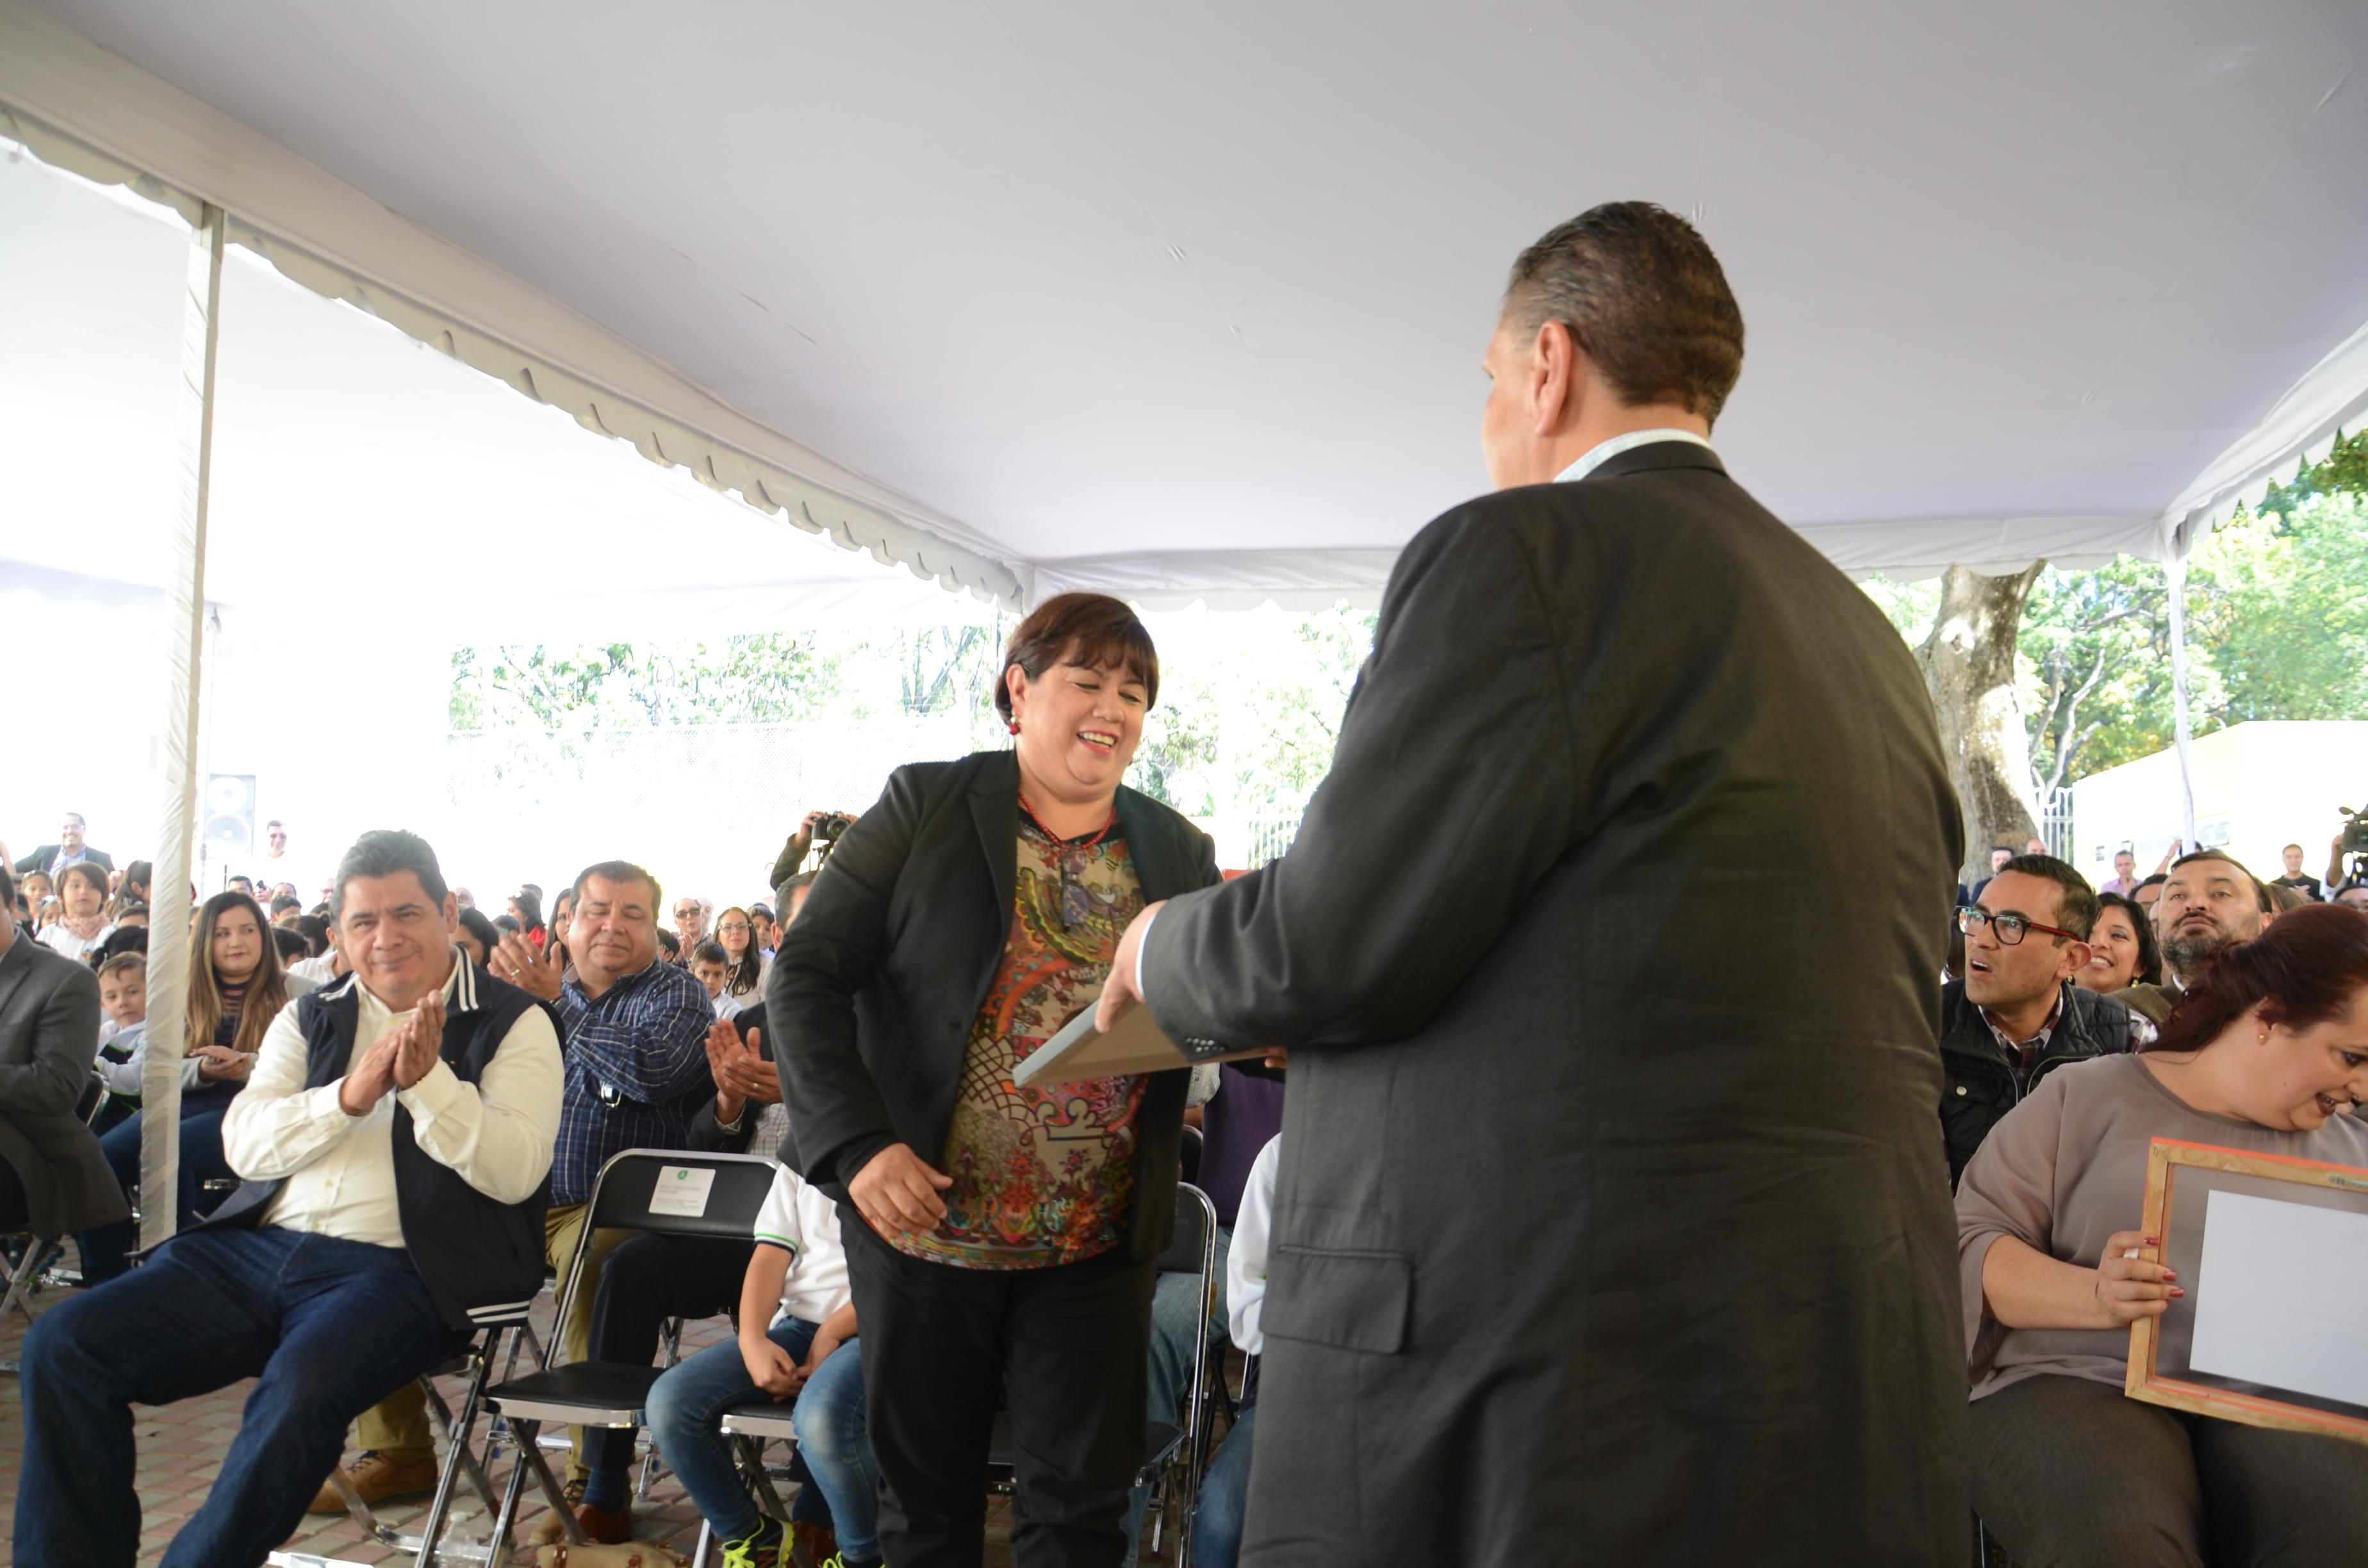 Momento en el que el secretario de Educación entrega el reconocimiento a la Dra. Lolita Valadez